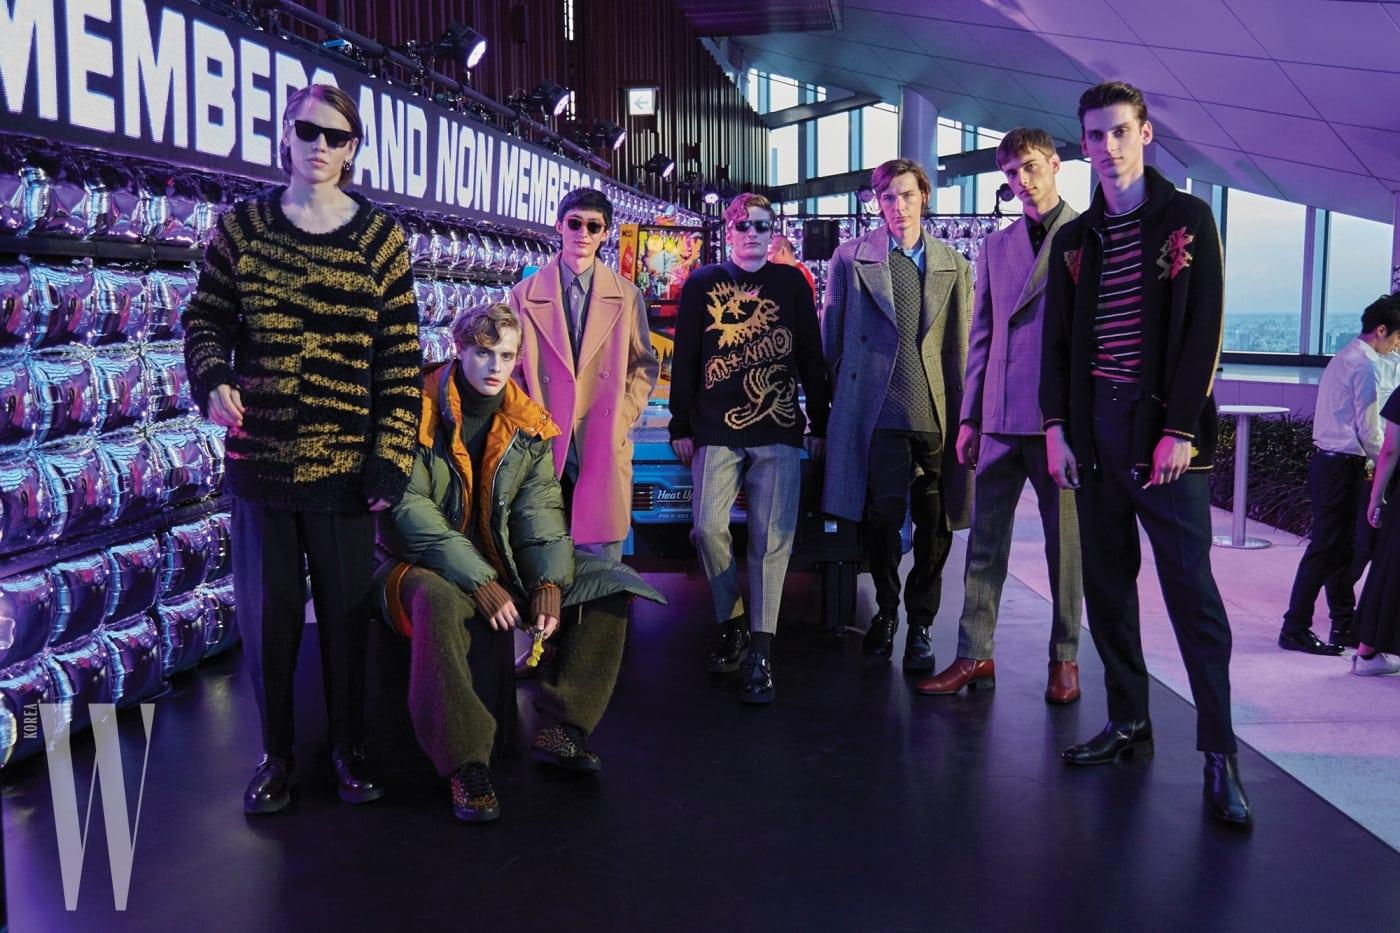 오락실 콘셉트의 무대에서 포즈를 취한 스텔라 매카트니의 남성 모델들.